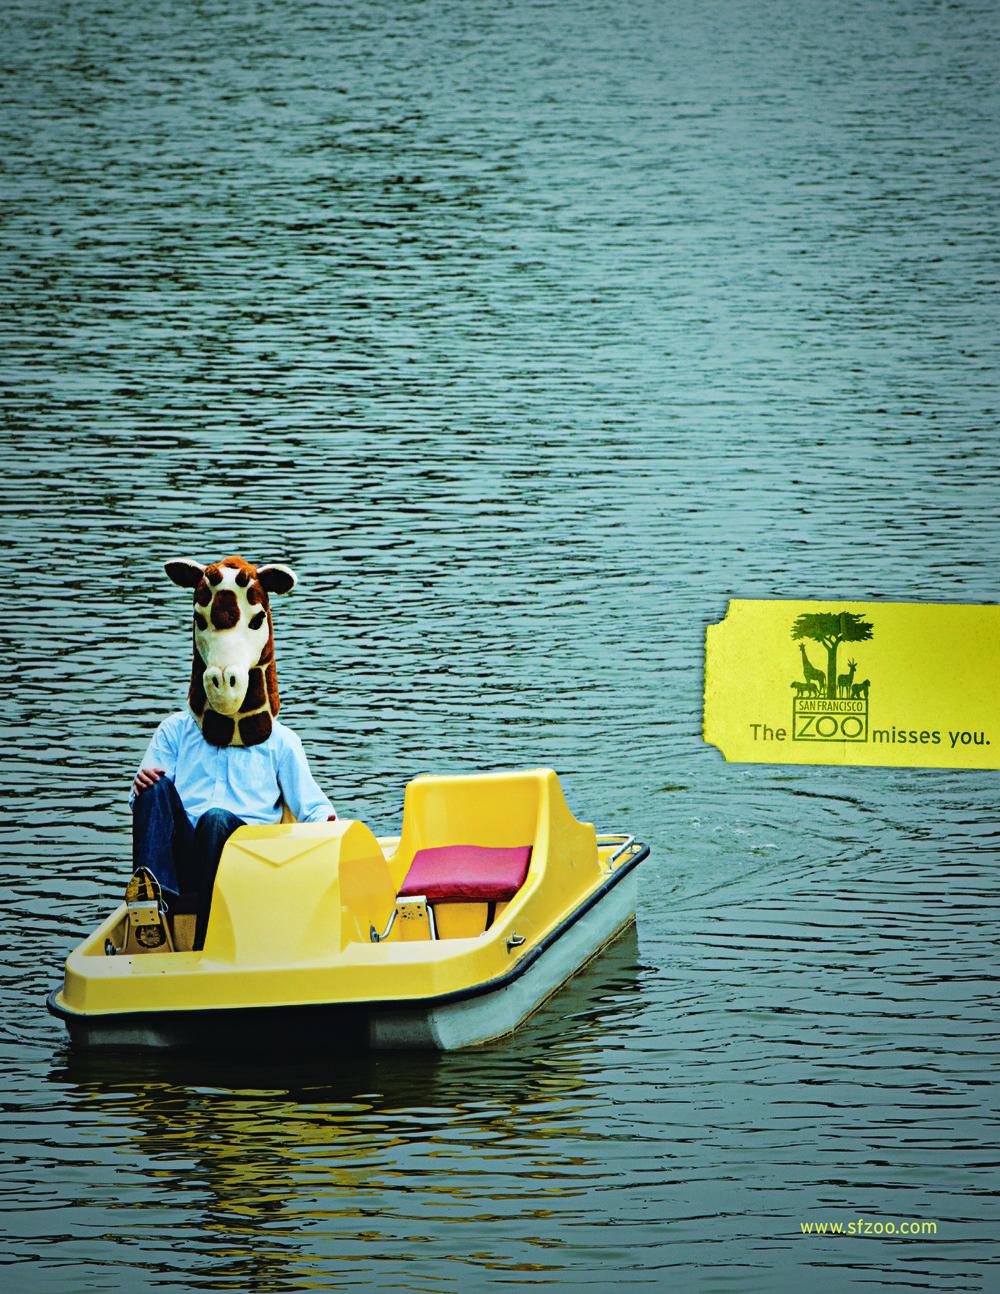 zoomissesyouGiraffesmaller_o.jpg